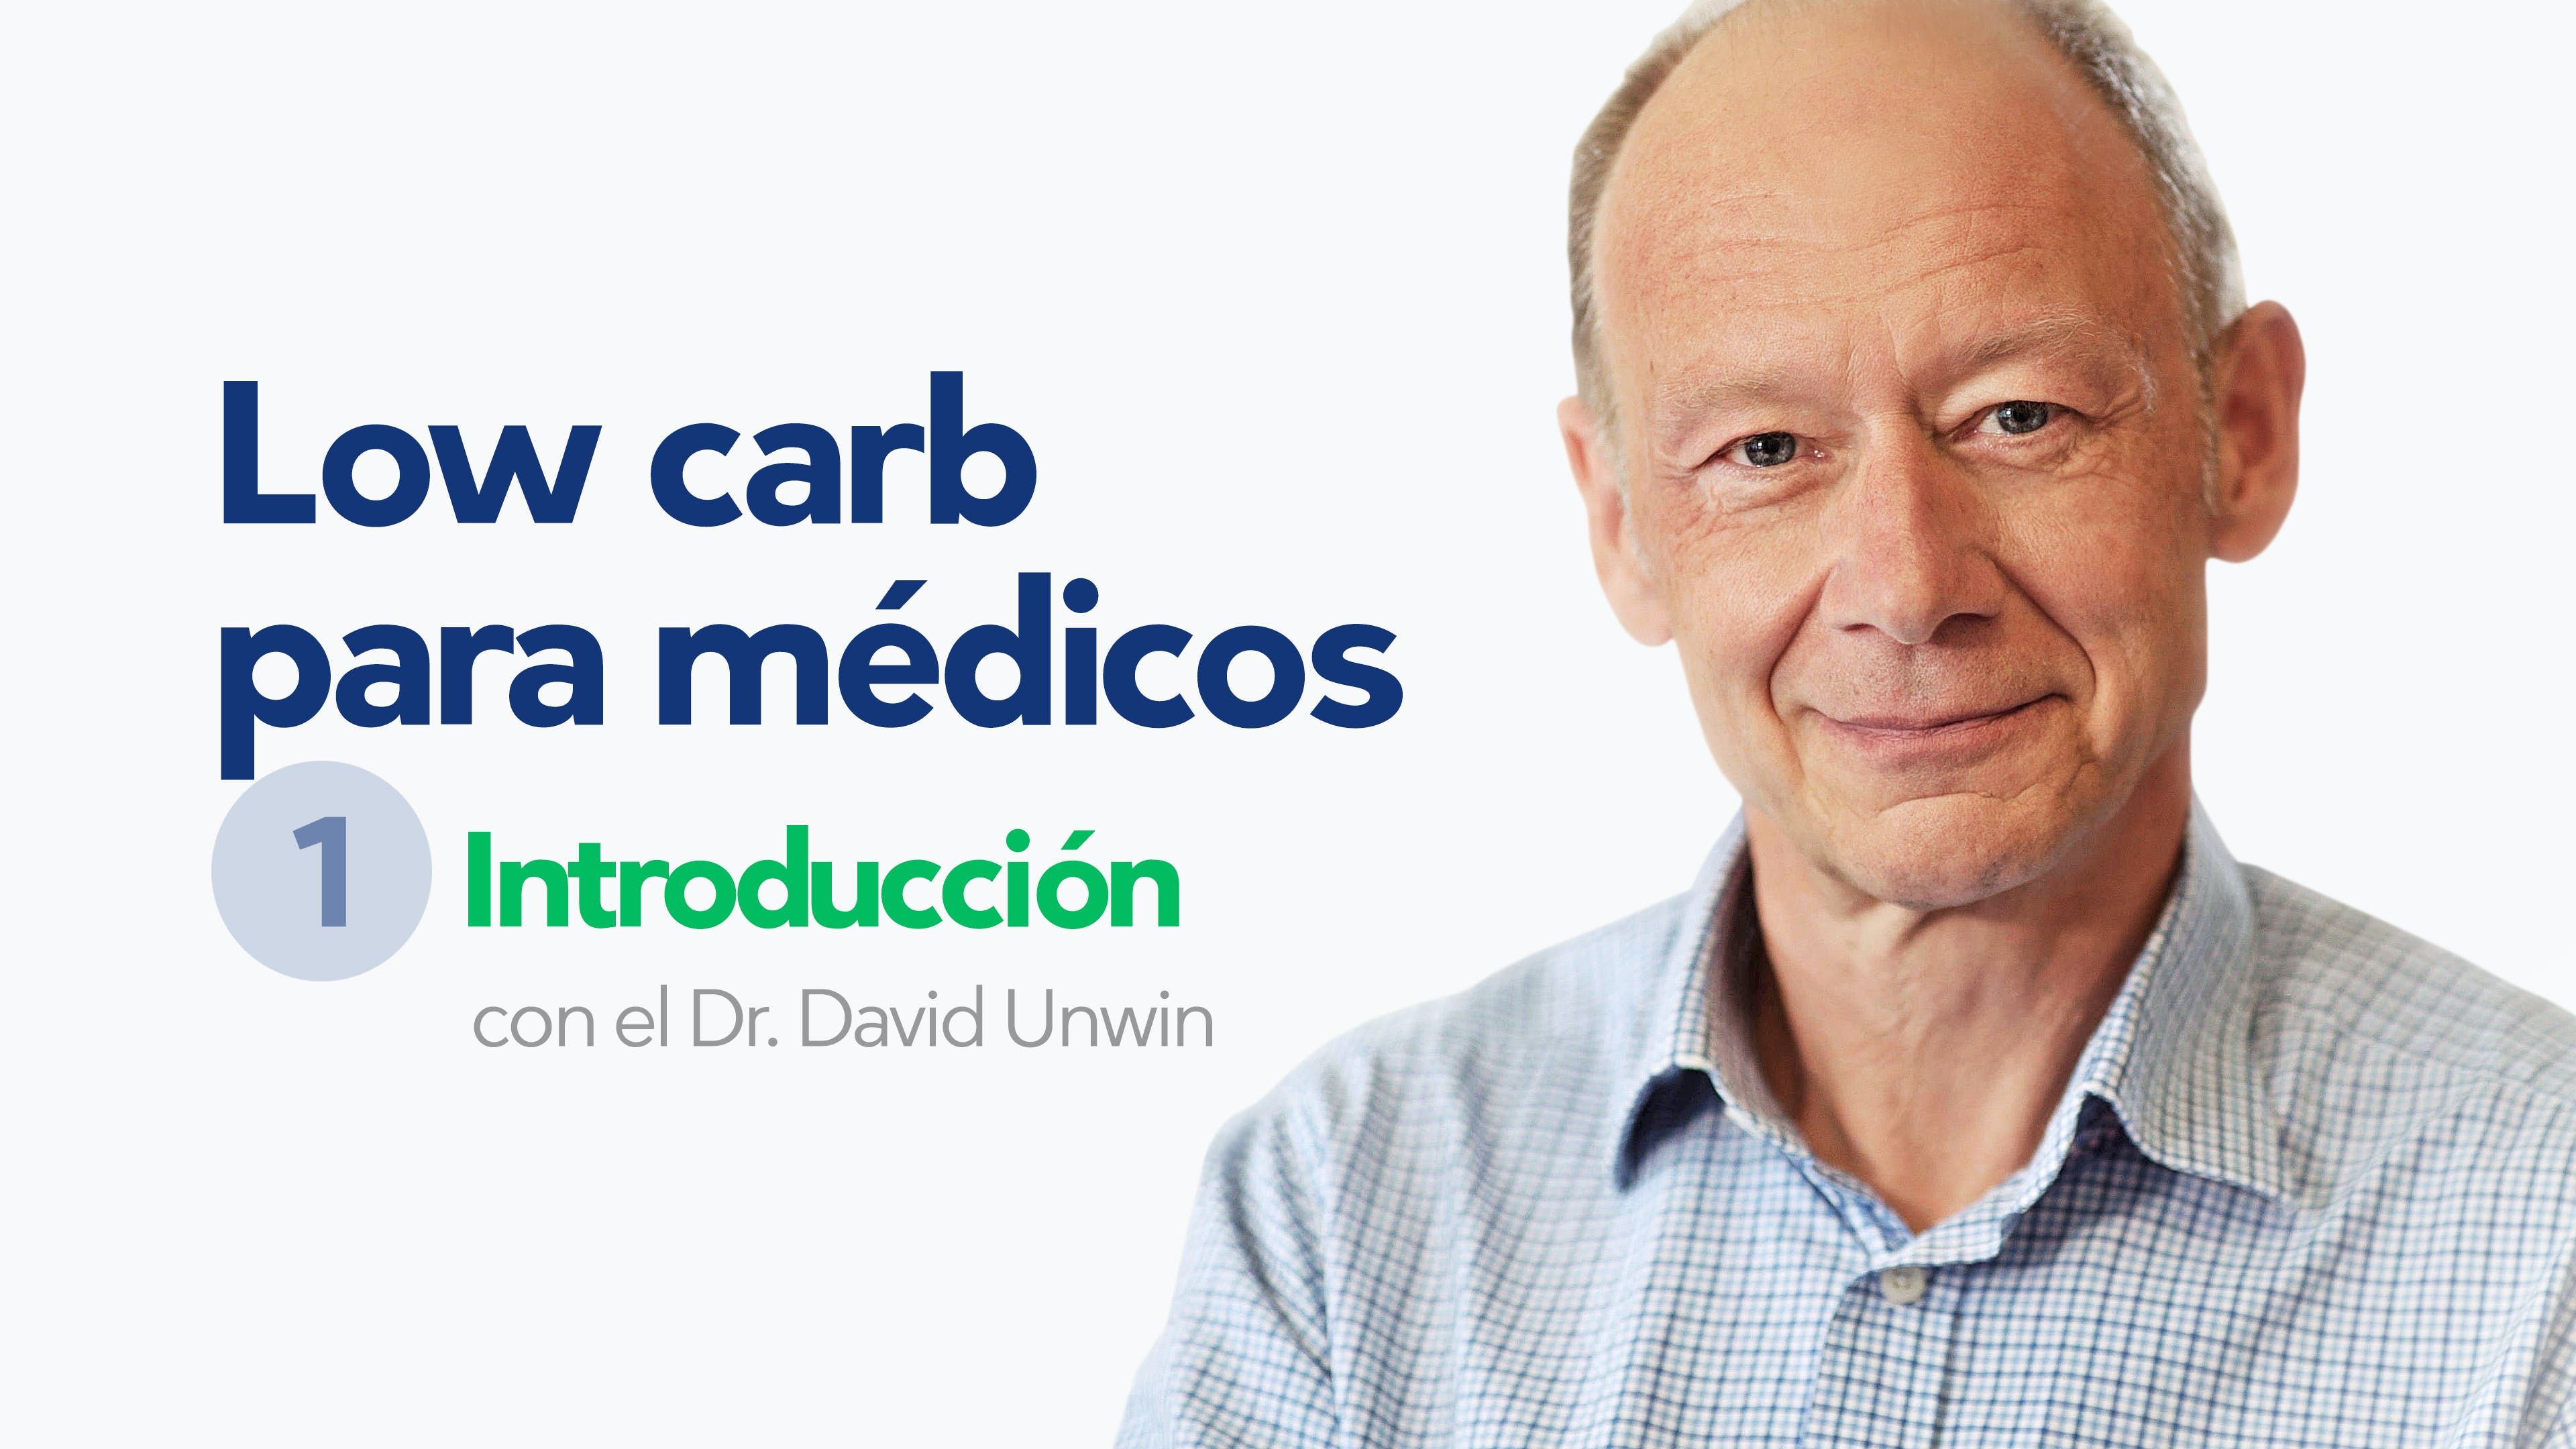 Low carb para médicos